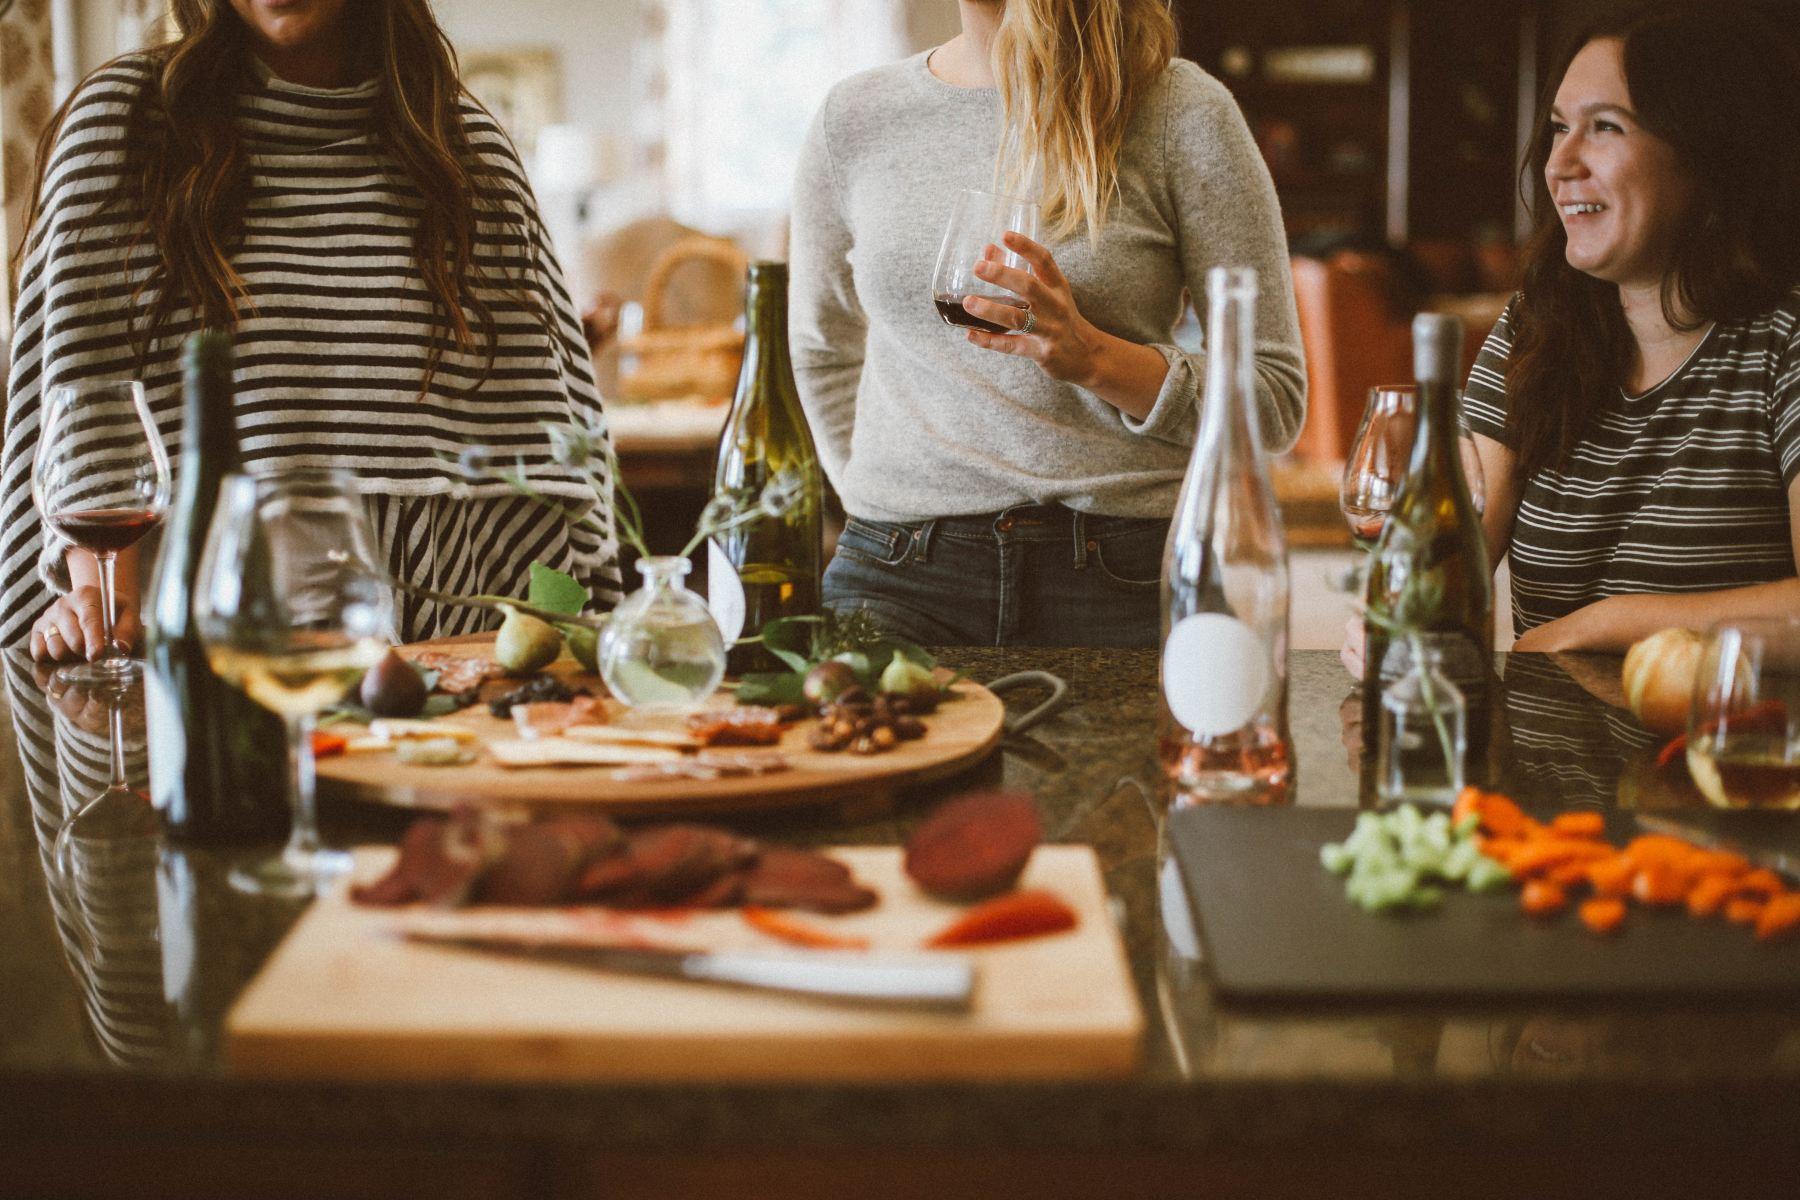 Millennial Dinner Parties